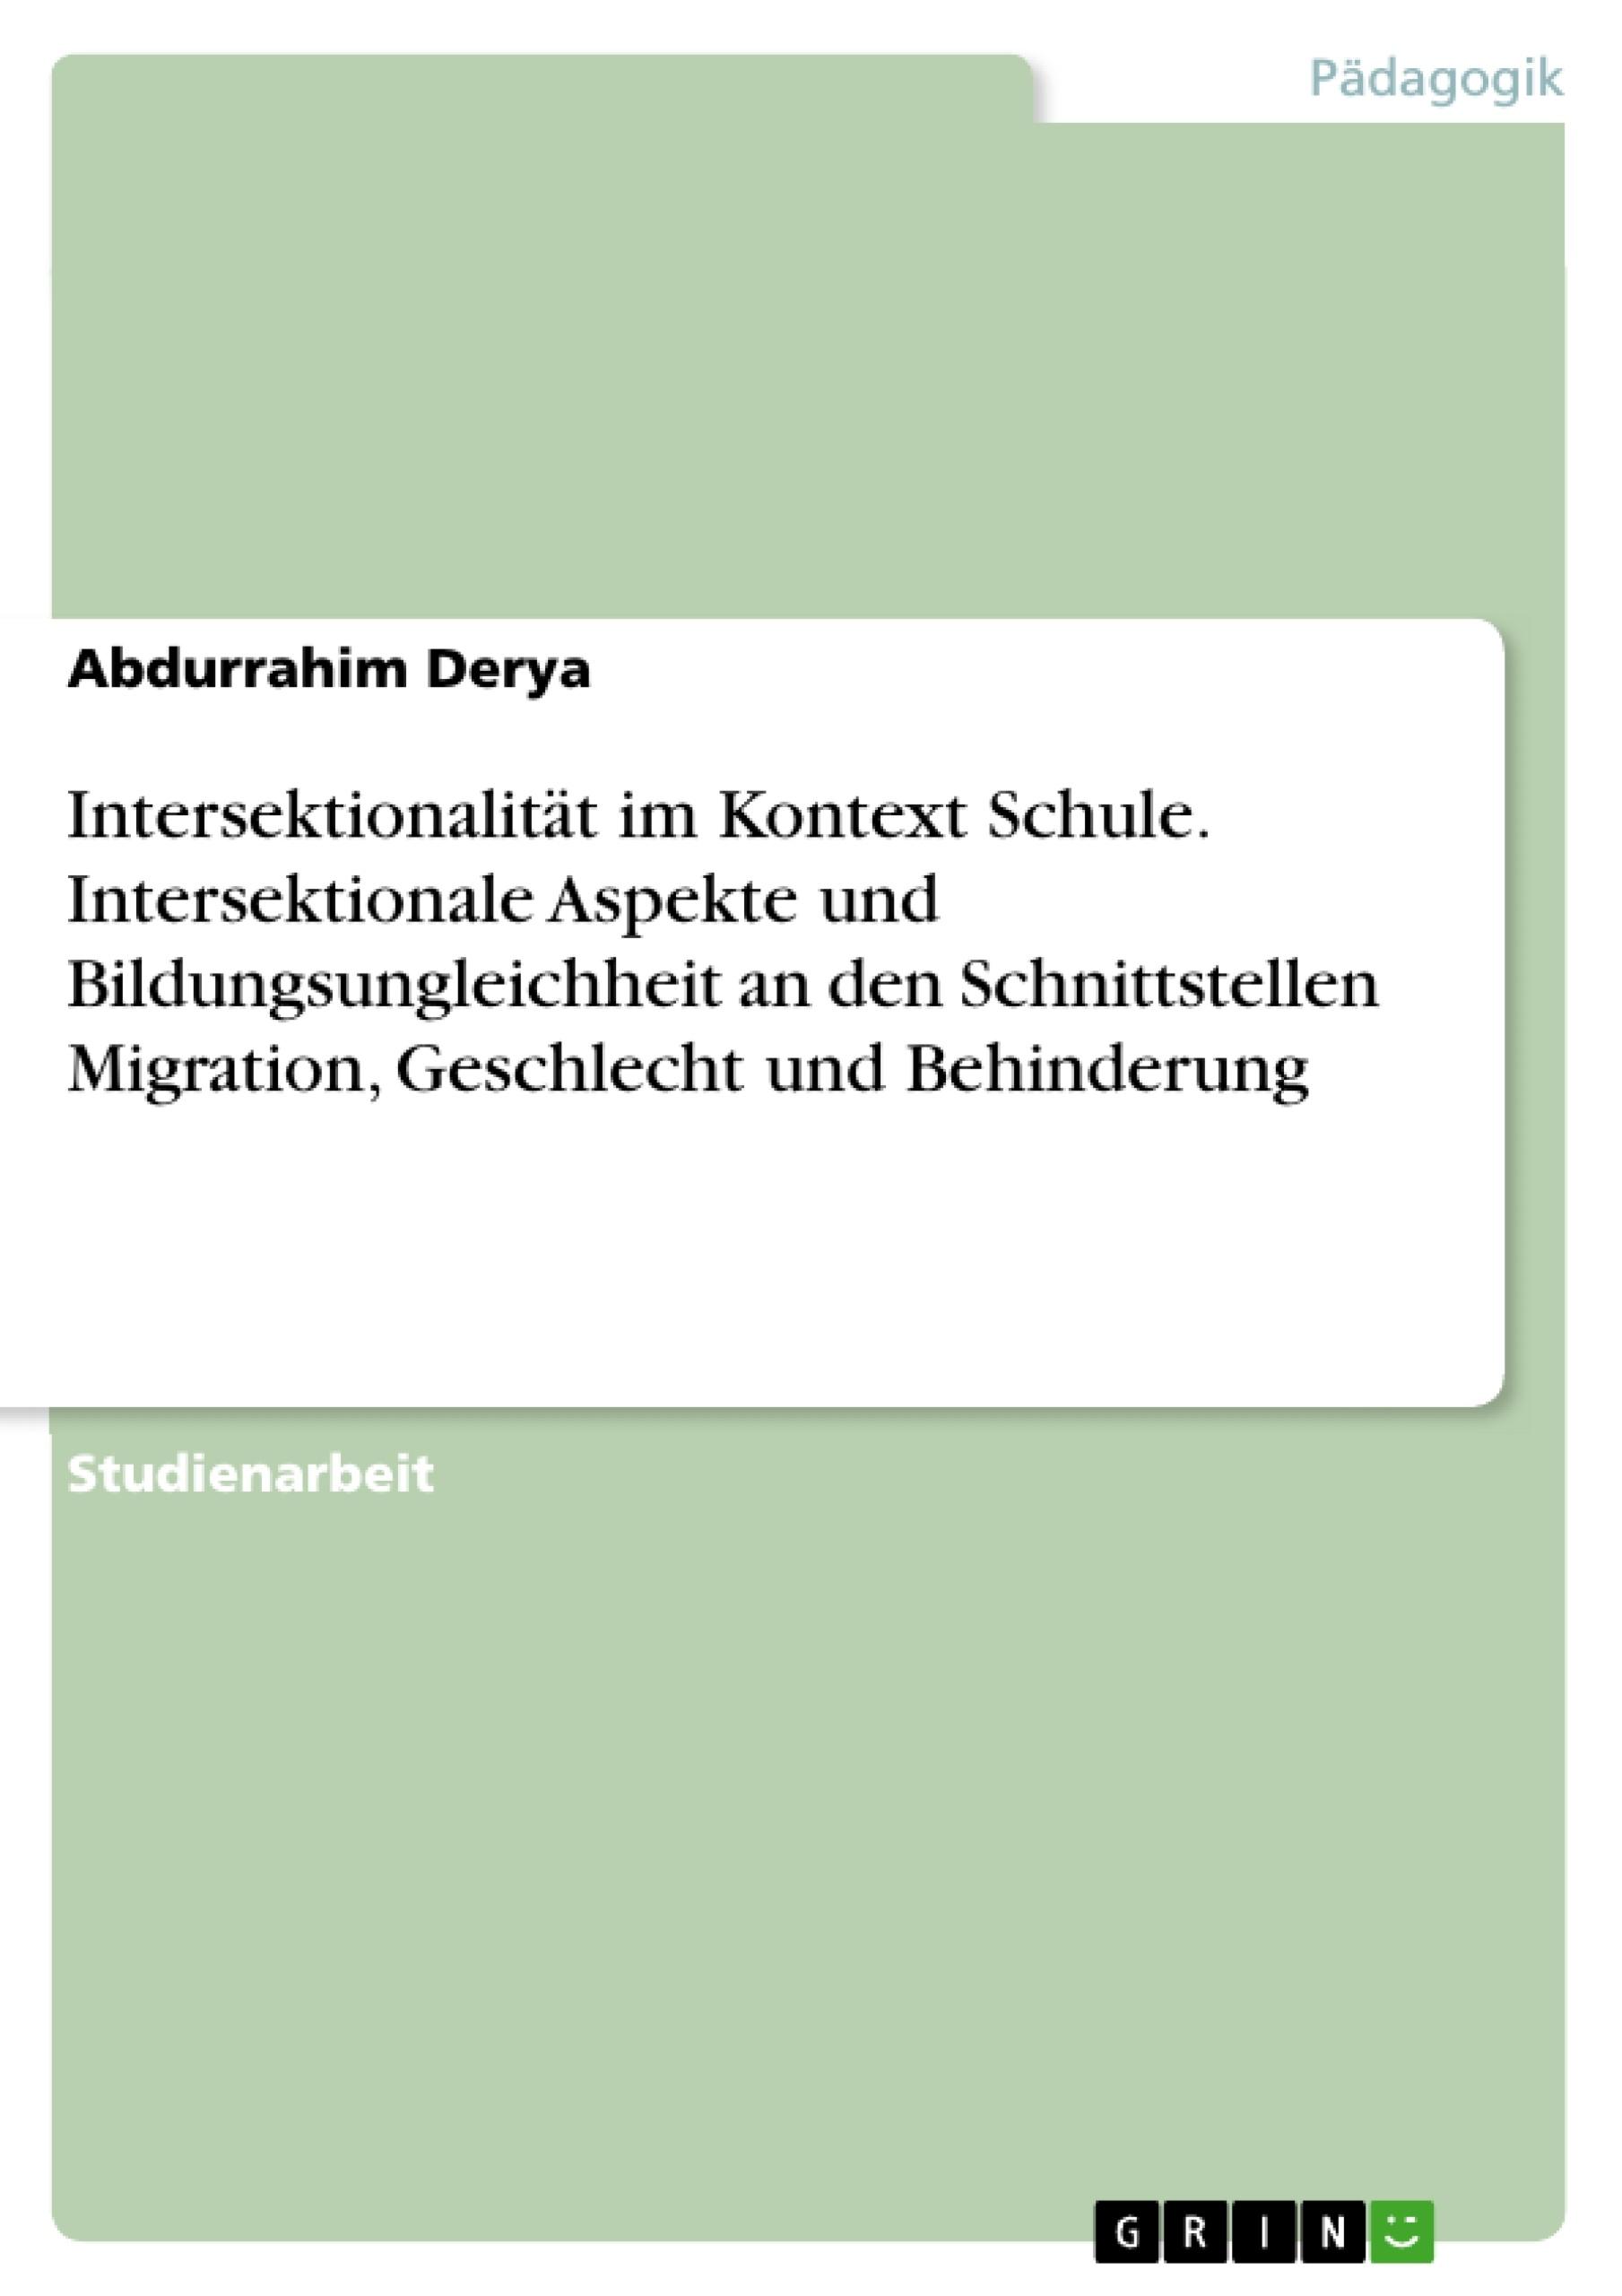 Titel: Intersektionalität im Kontext Schule. Intersektionale Aspekte und Bildungsungleichheit an den Schnittstellen Migration, Geschlecht und Behinderung